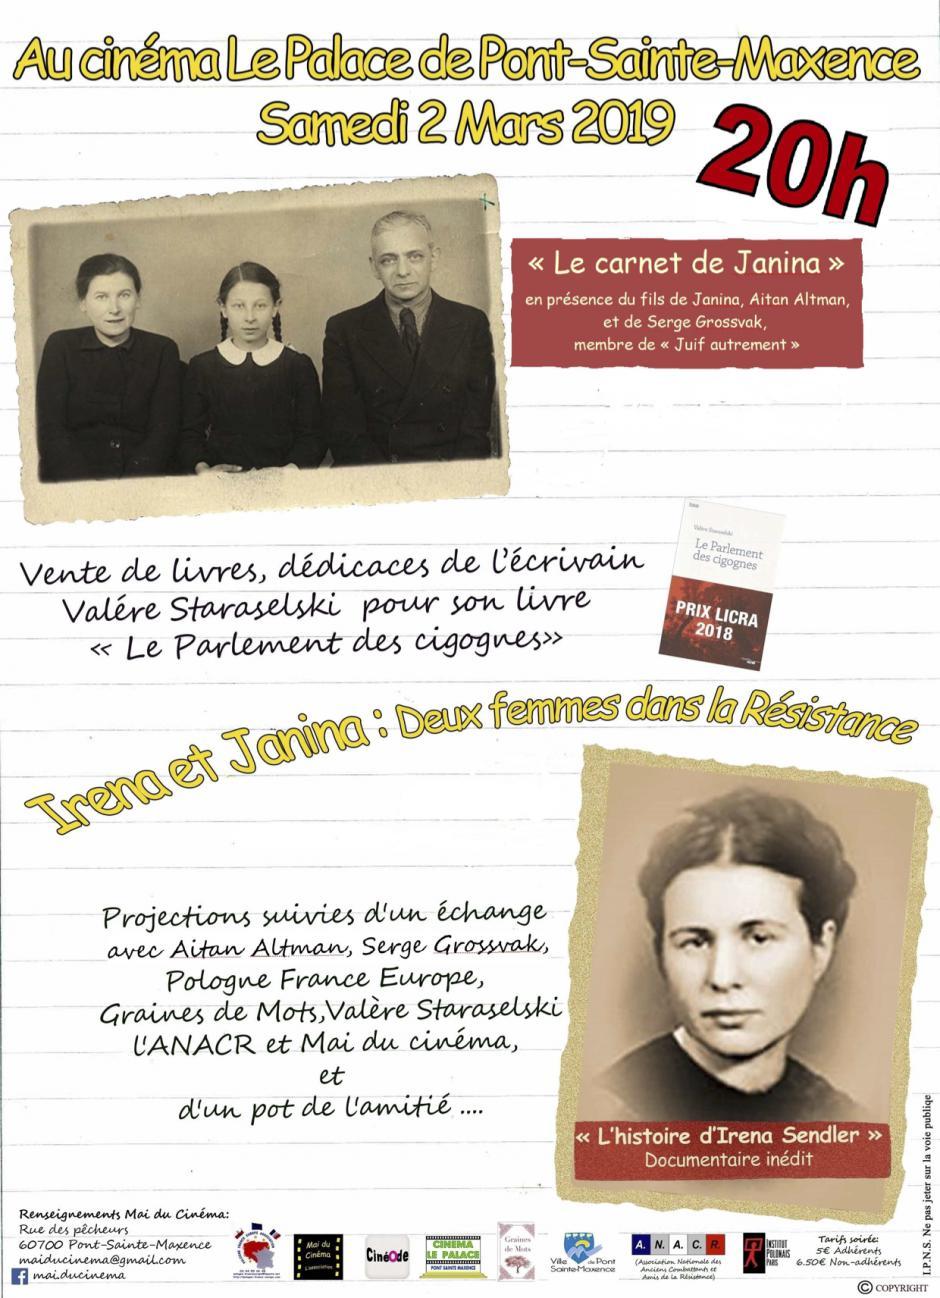 2 mars 2019, Pont-Sainte-Maxence - Projection-échanges « Irena et Janina : deux femmes dans la Résistance »